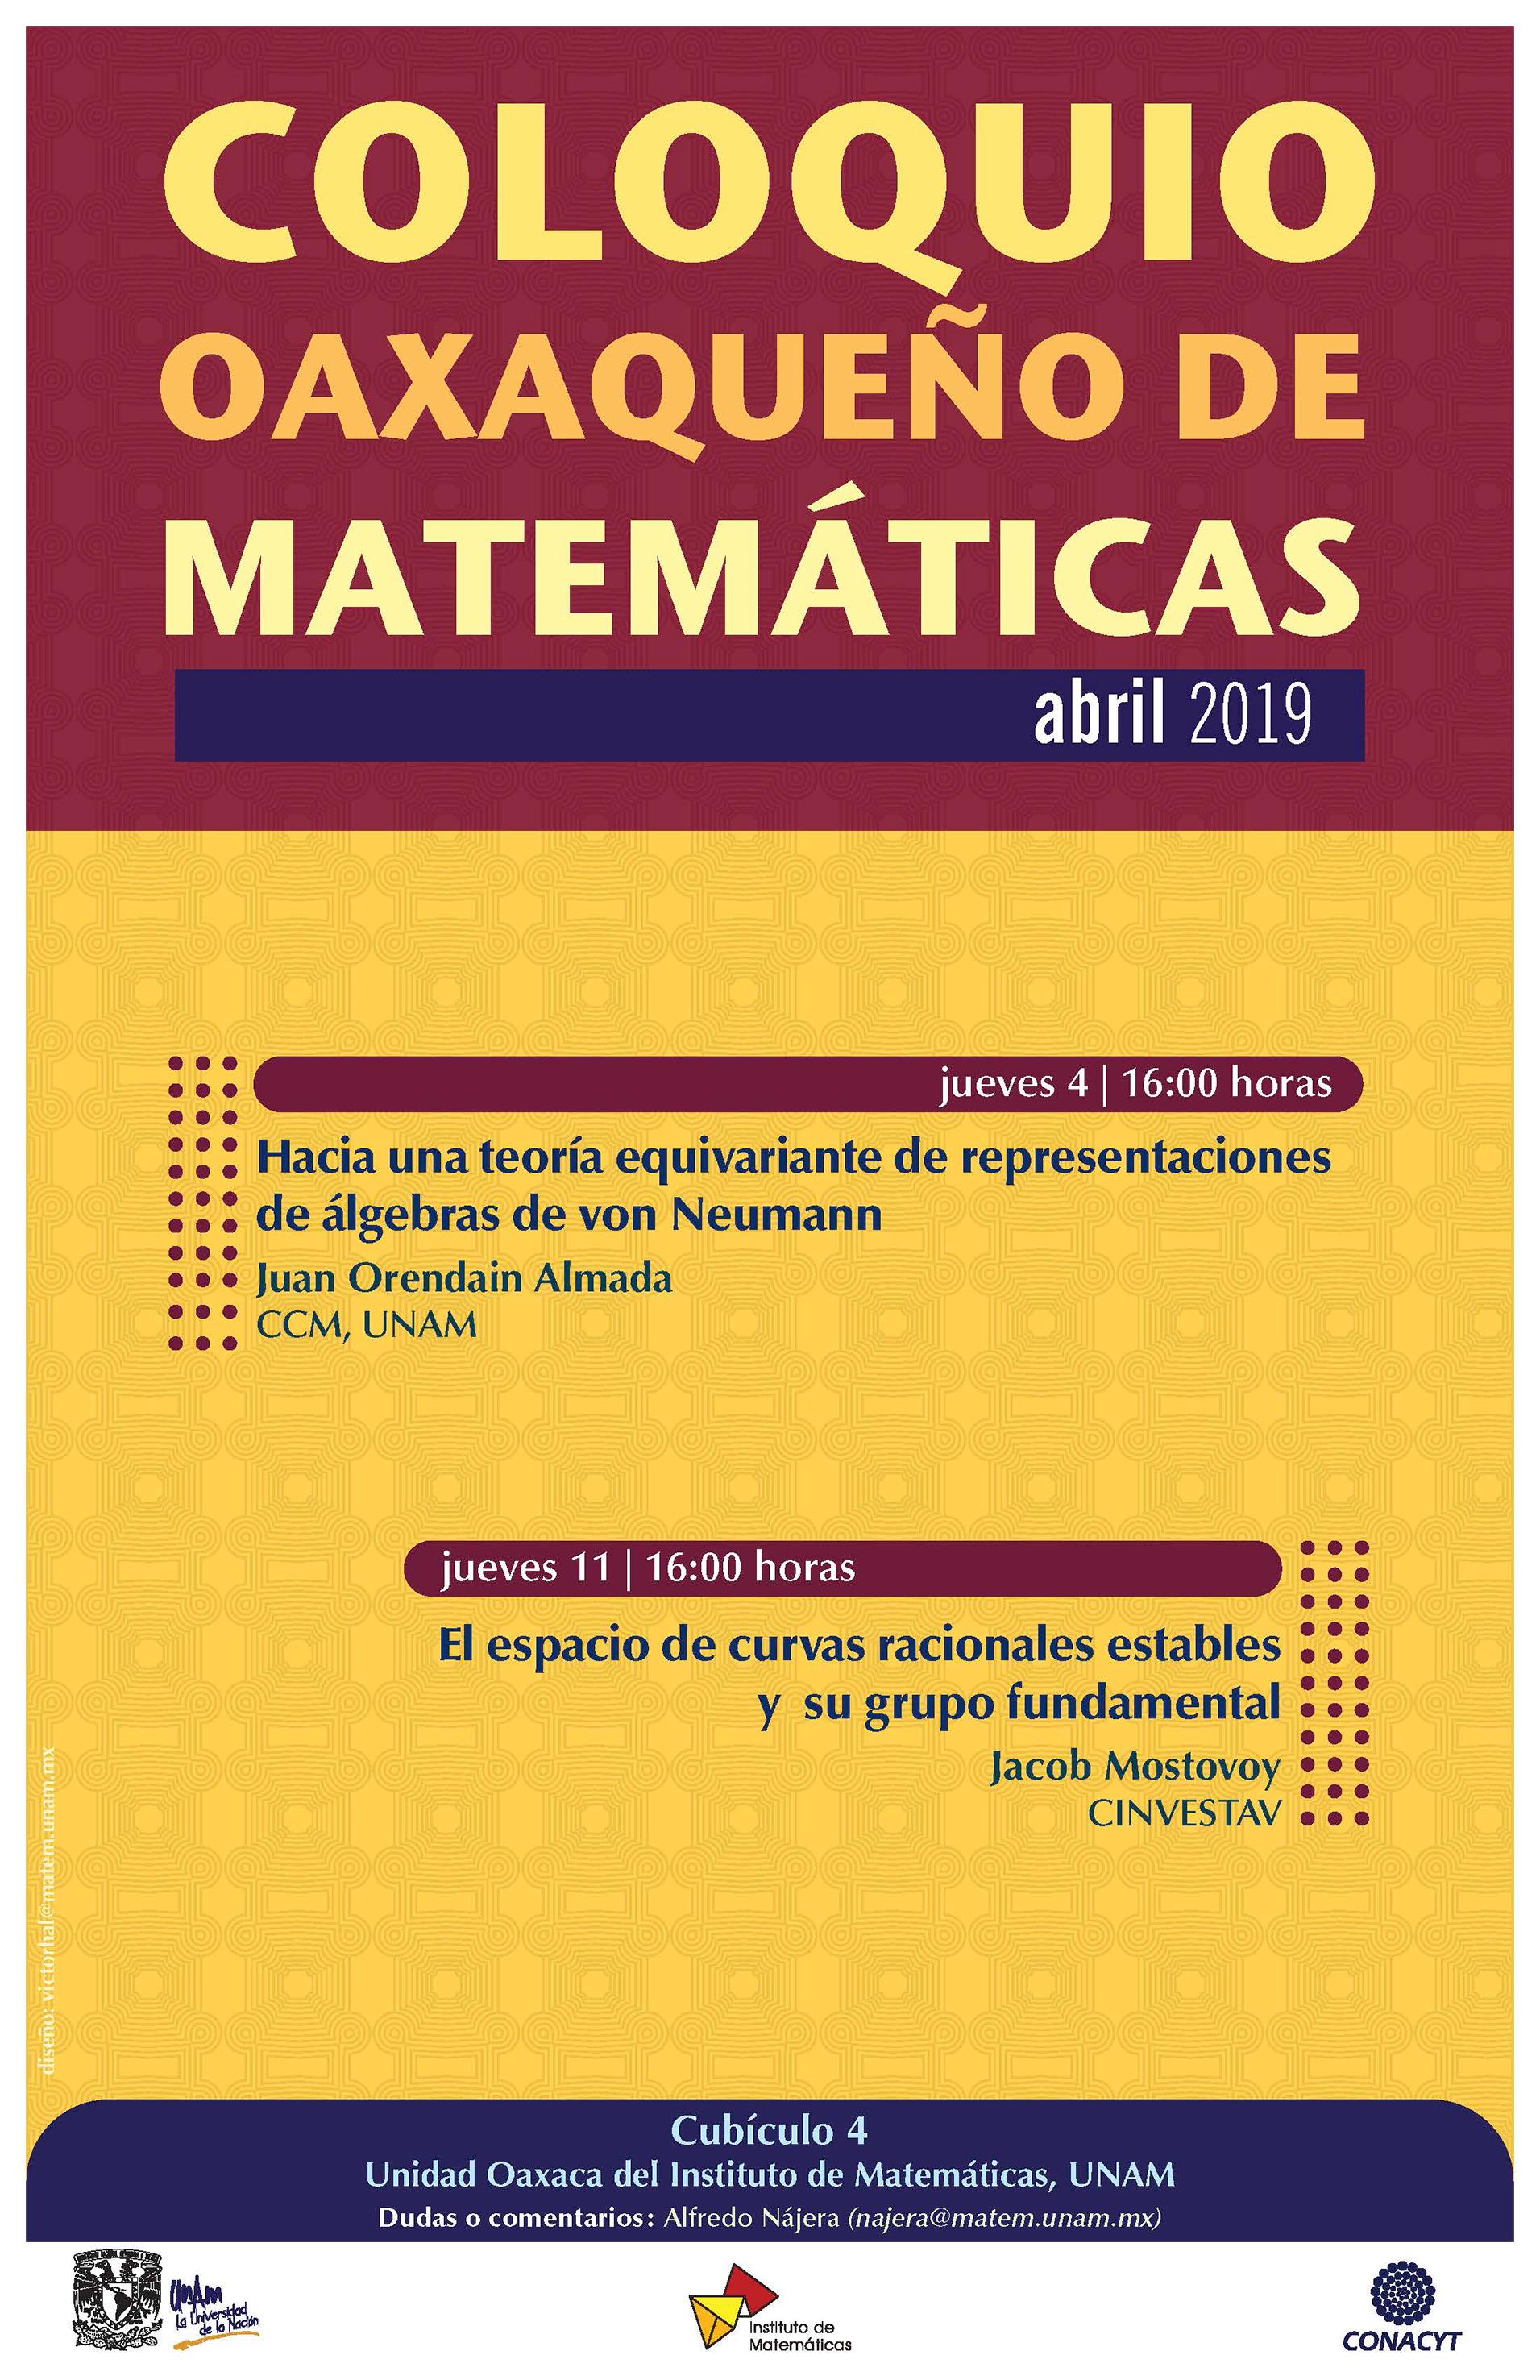 Coloquio Oaxaqueño de Matemáticas